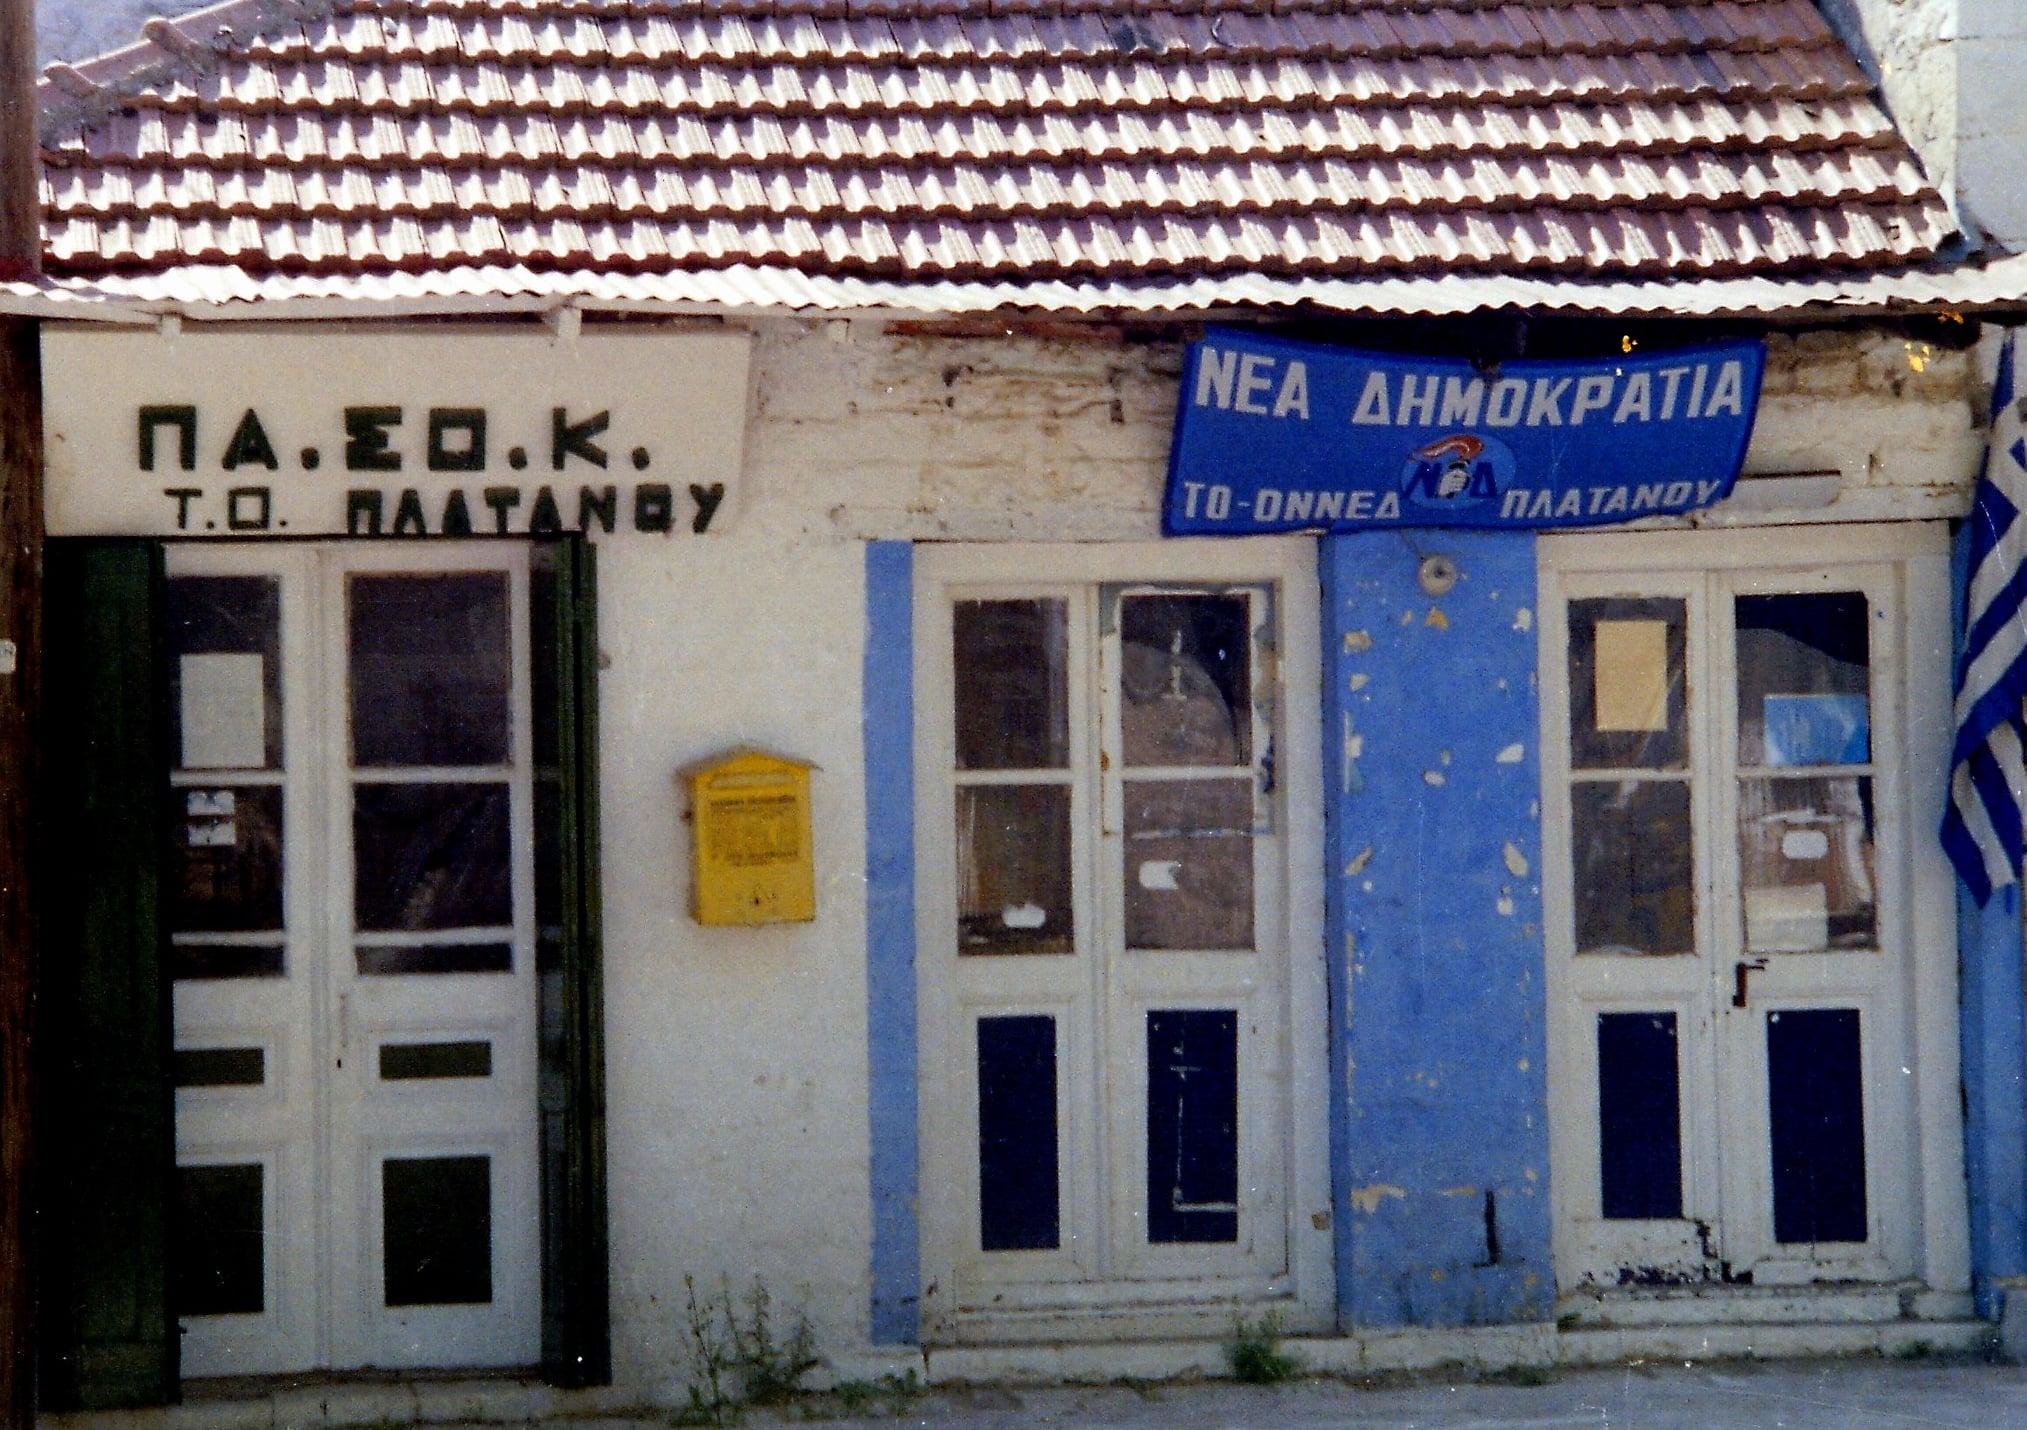 Κάποτε σε χωριό της Αιτωλοακαρνανίας: Όταν ο δικομματισμός συνυπήρχε κάτω από την ίδια στέγη